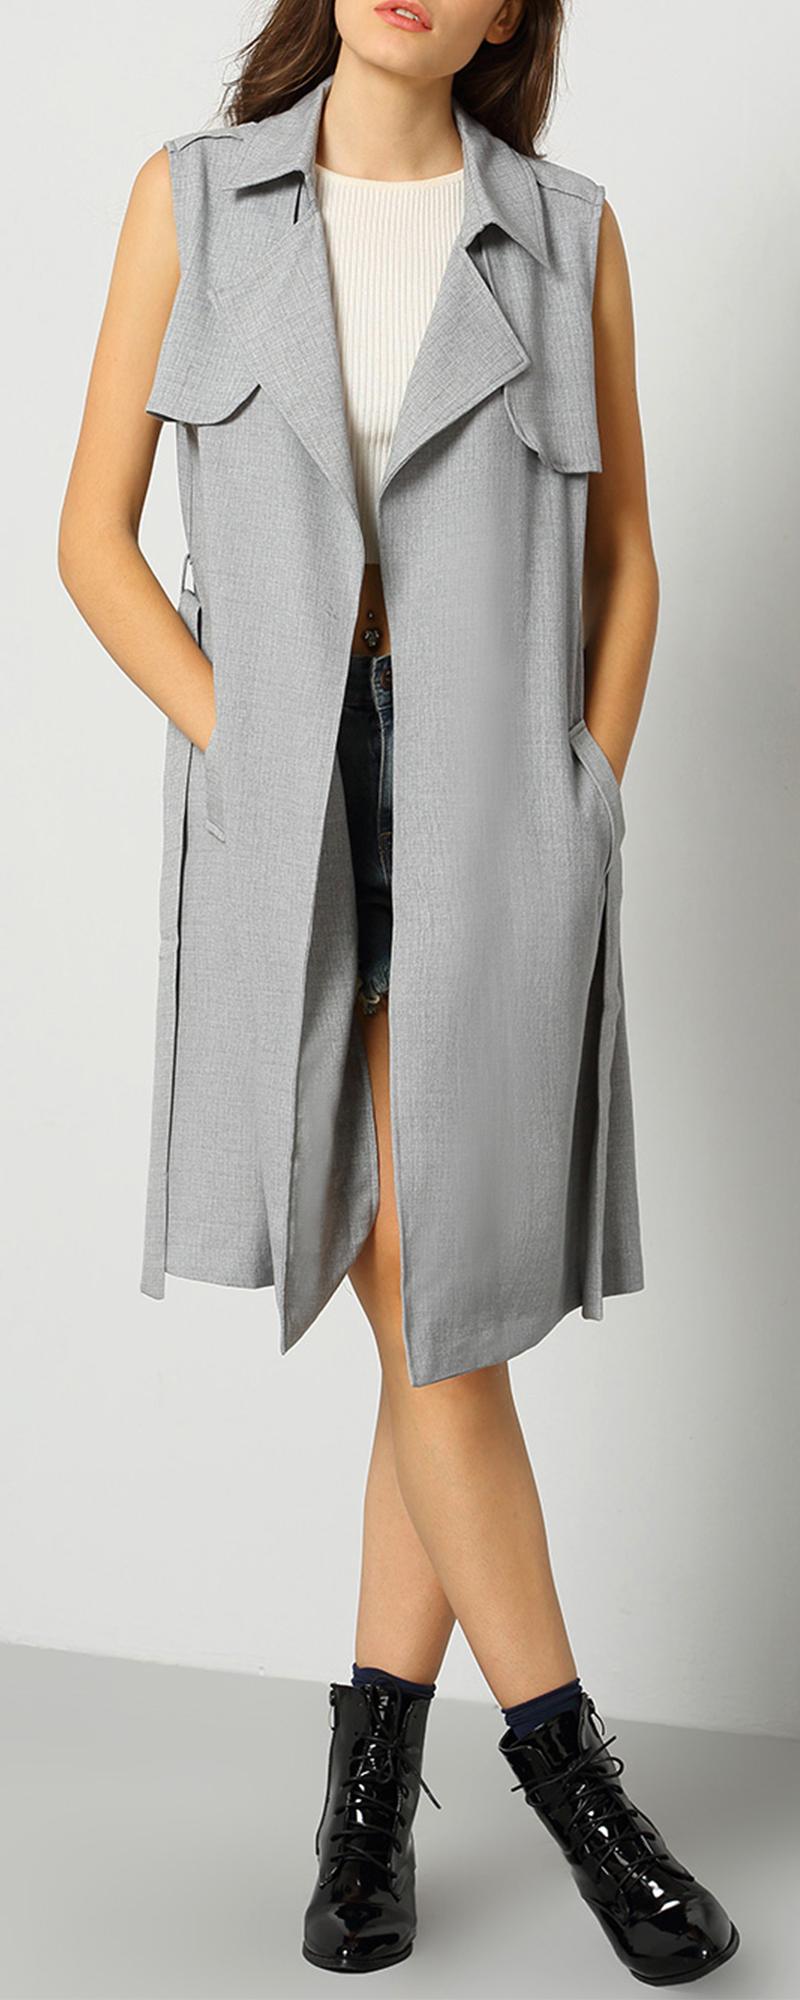 Womens Trench Rain Coat | Ladies Trench Coat | Sleeveless Trench Coat